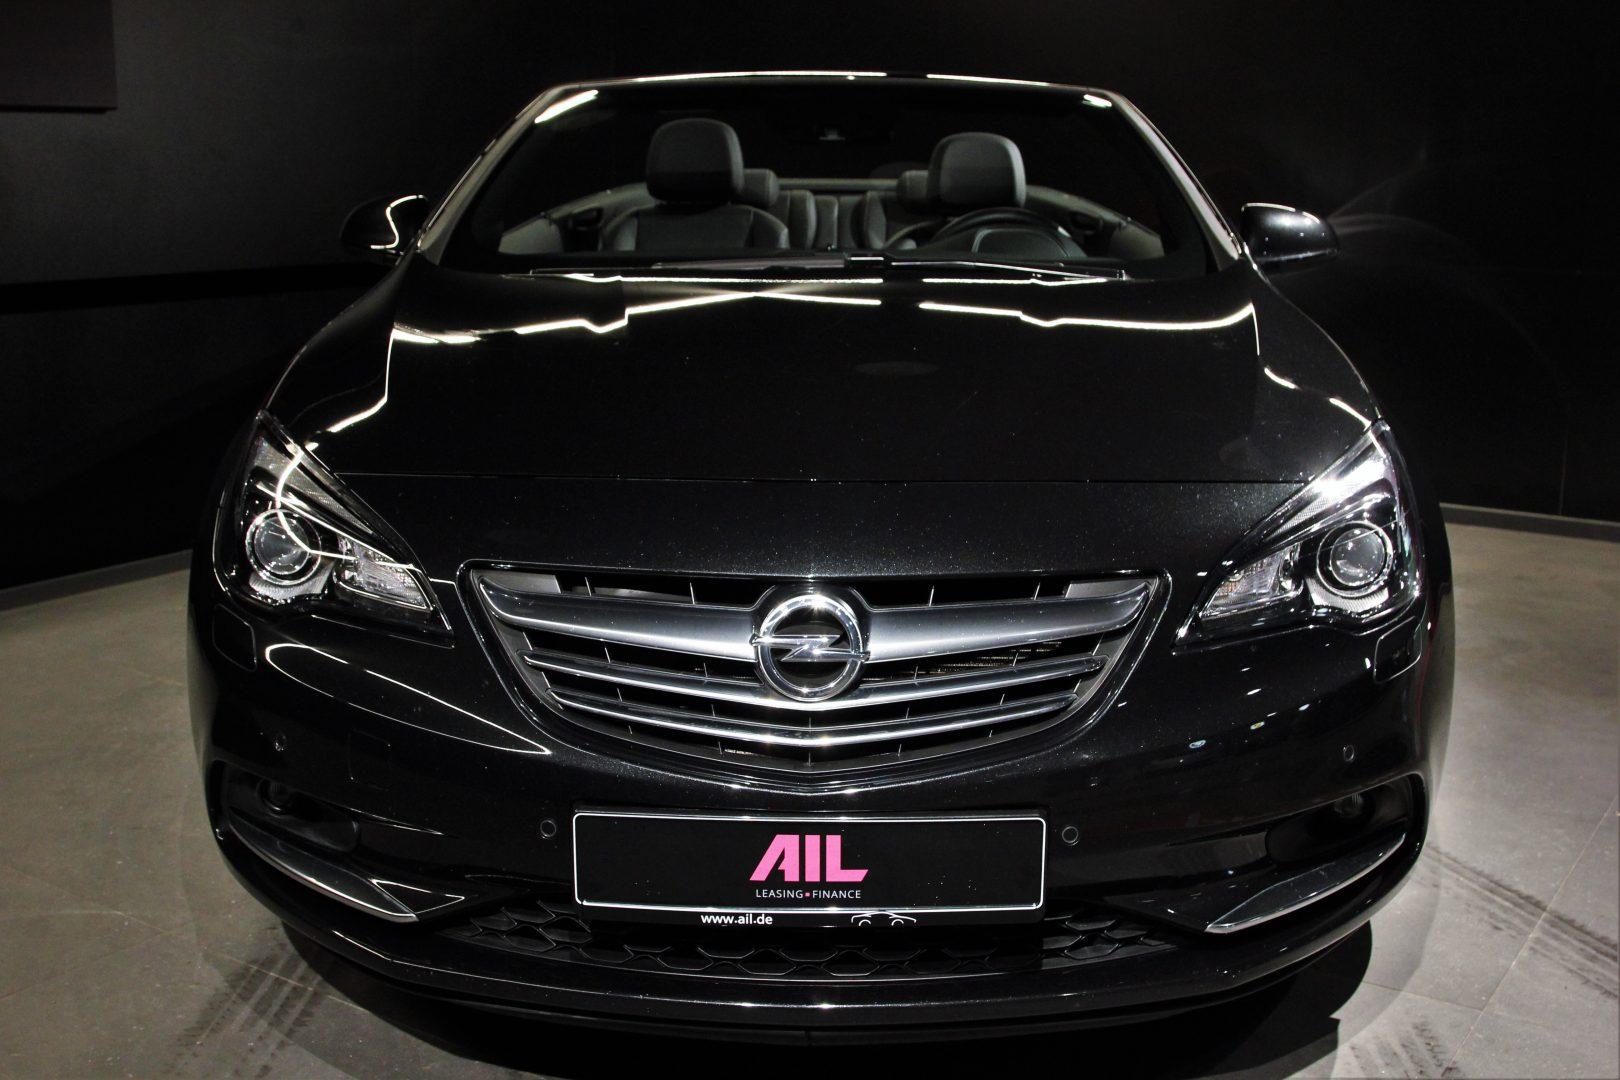 AIL Opel Cascada Innovation 7